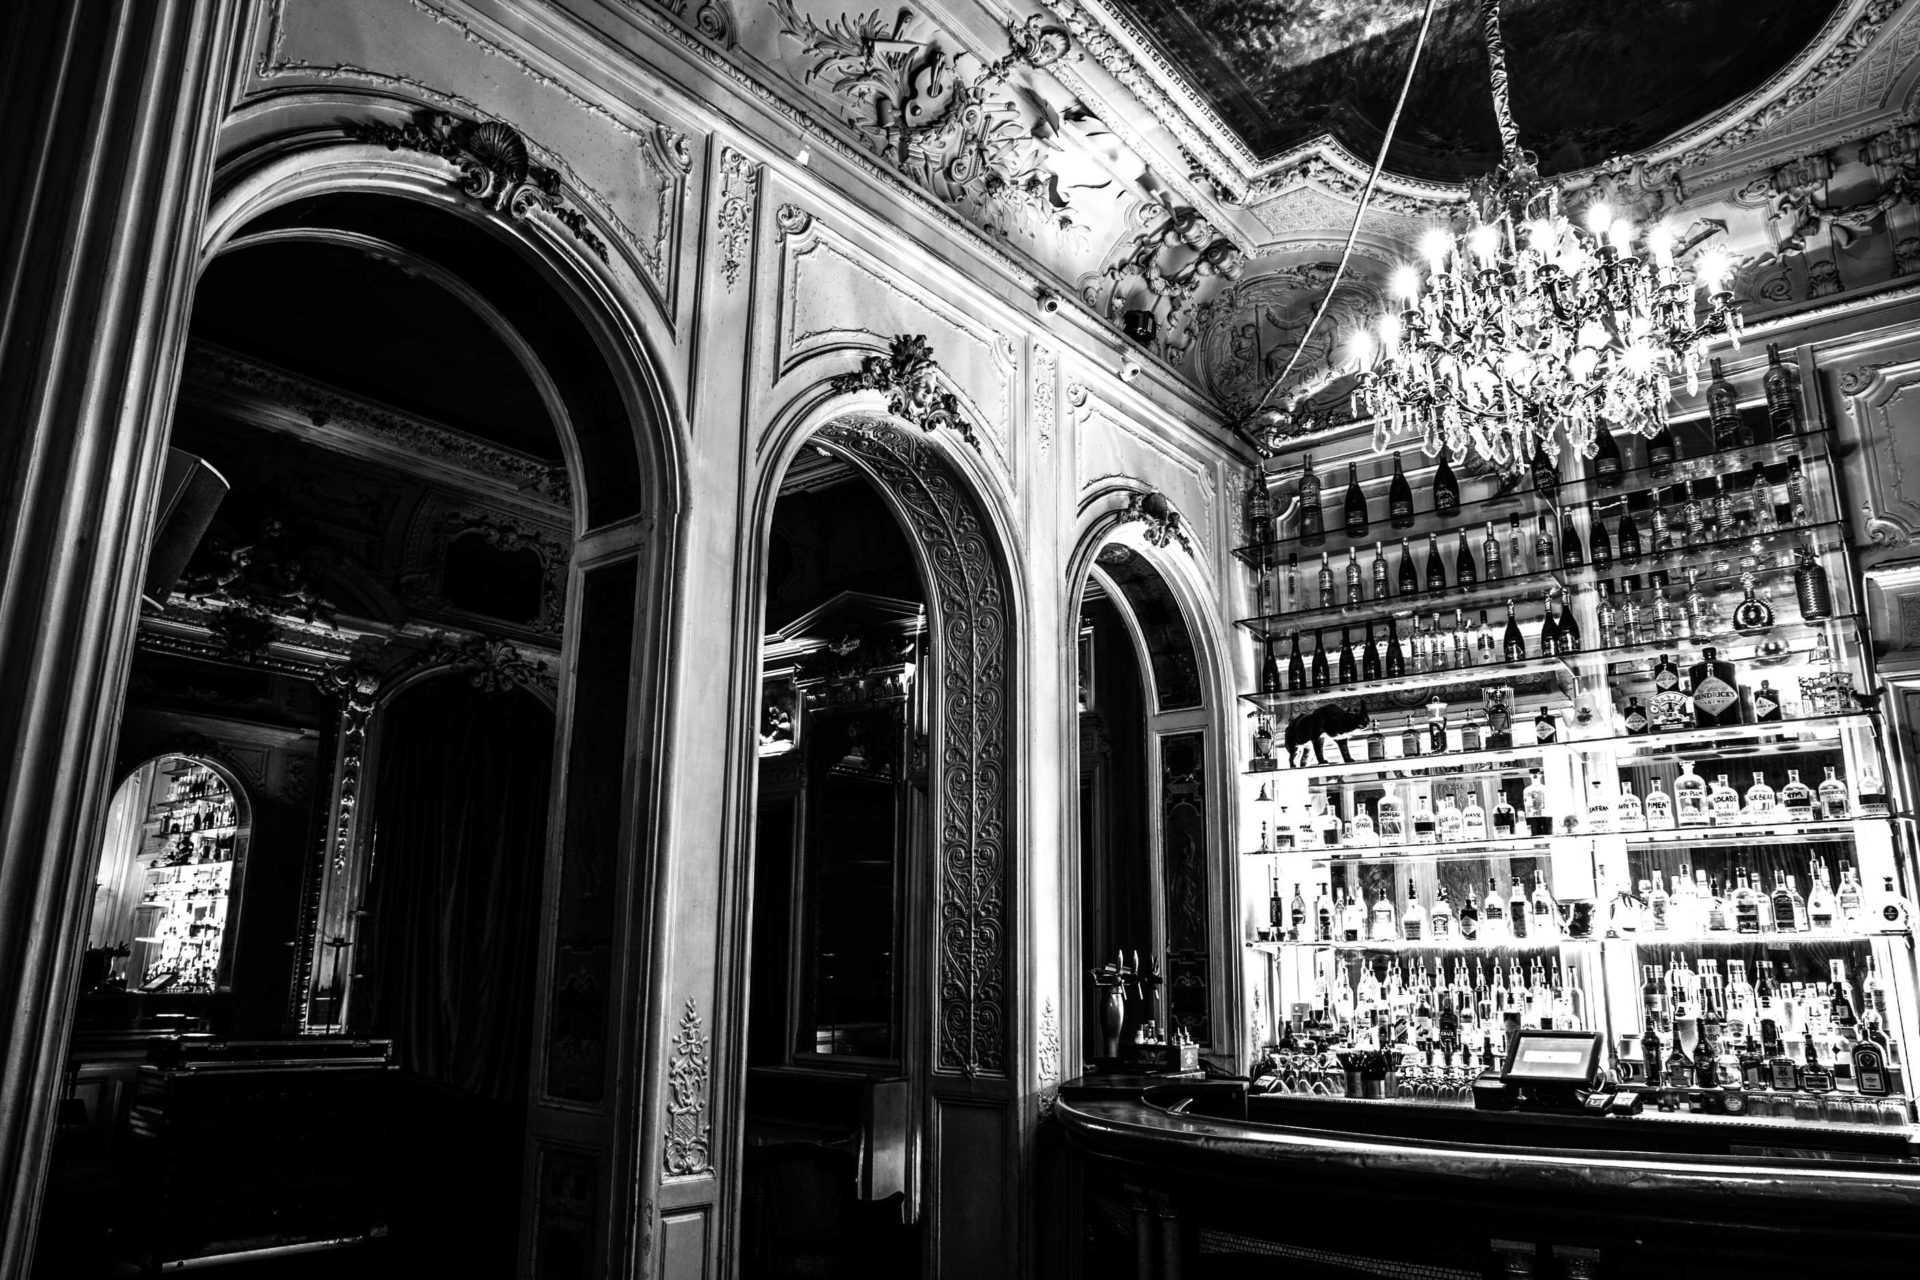 Le Carmen ночной клуб в Париже